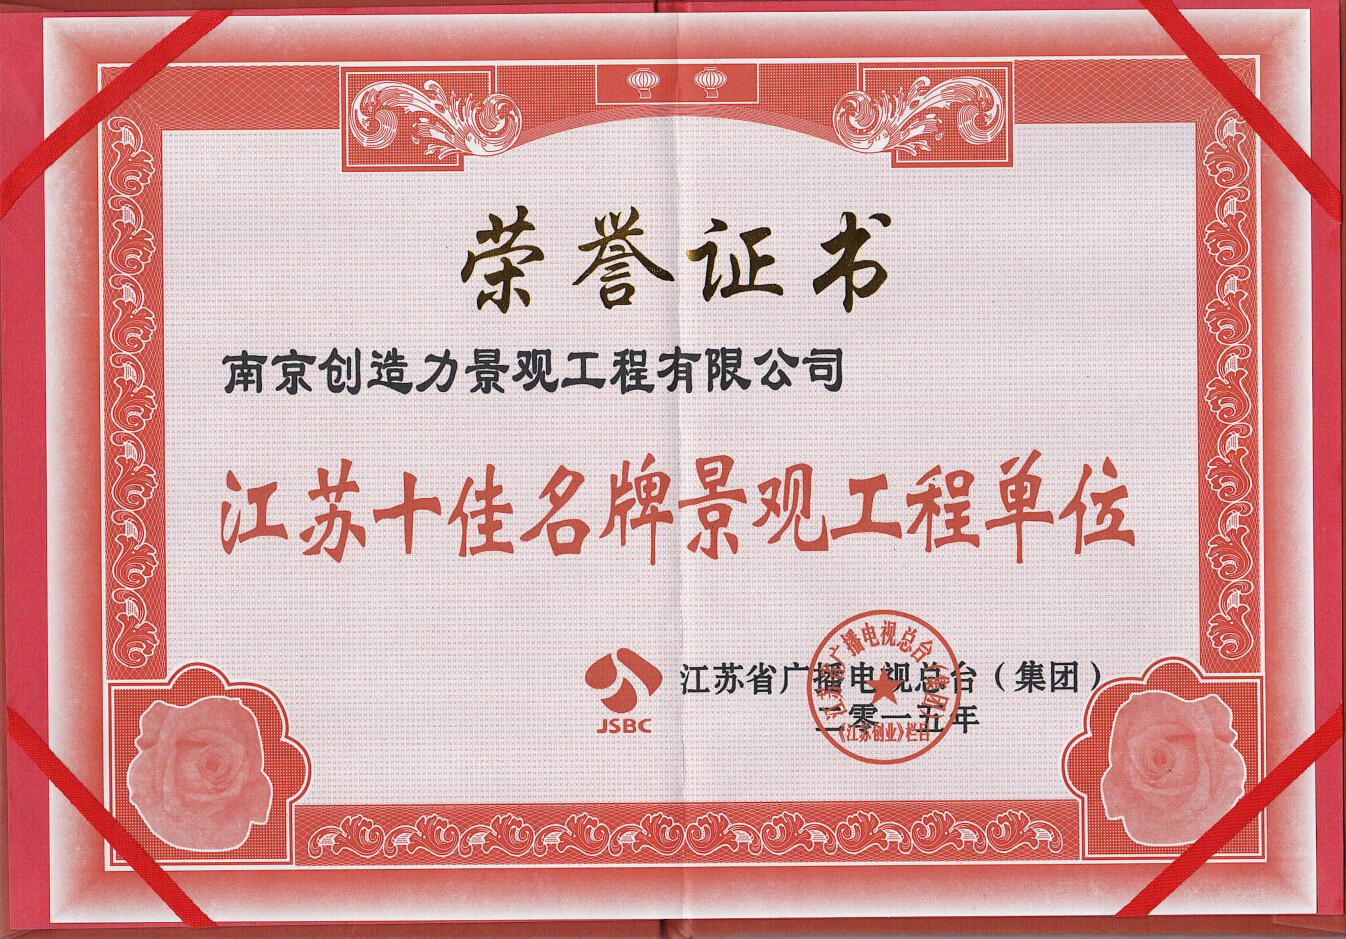 江苏十佳名牌景观工程单位